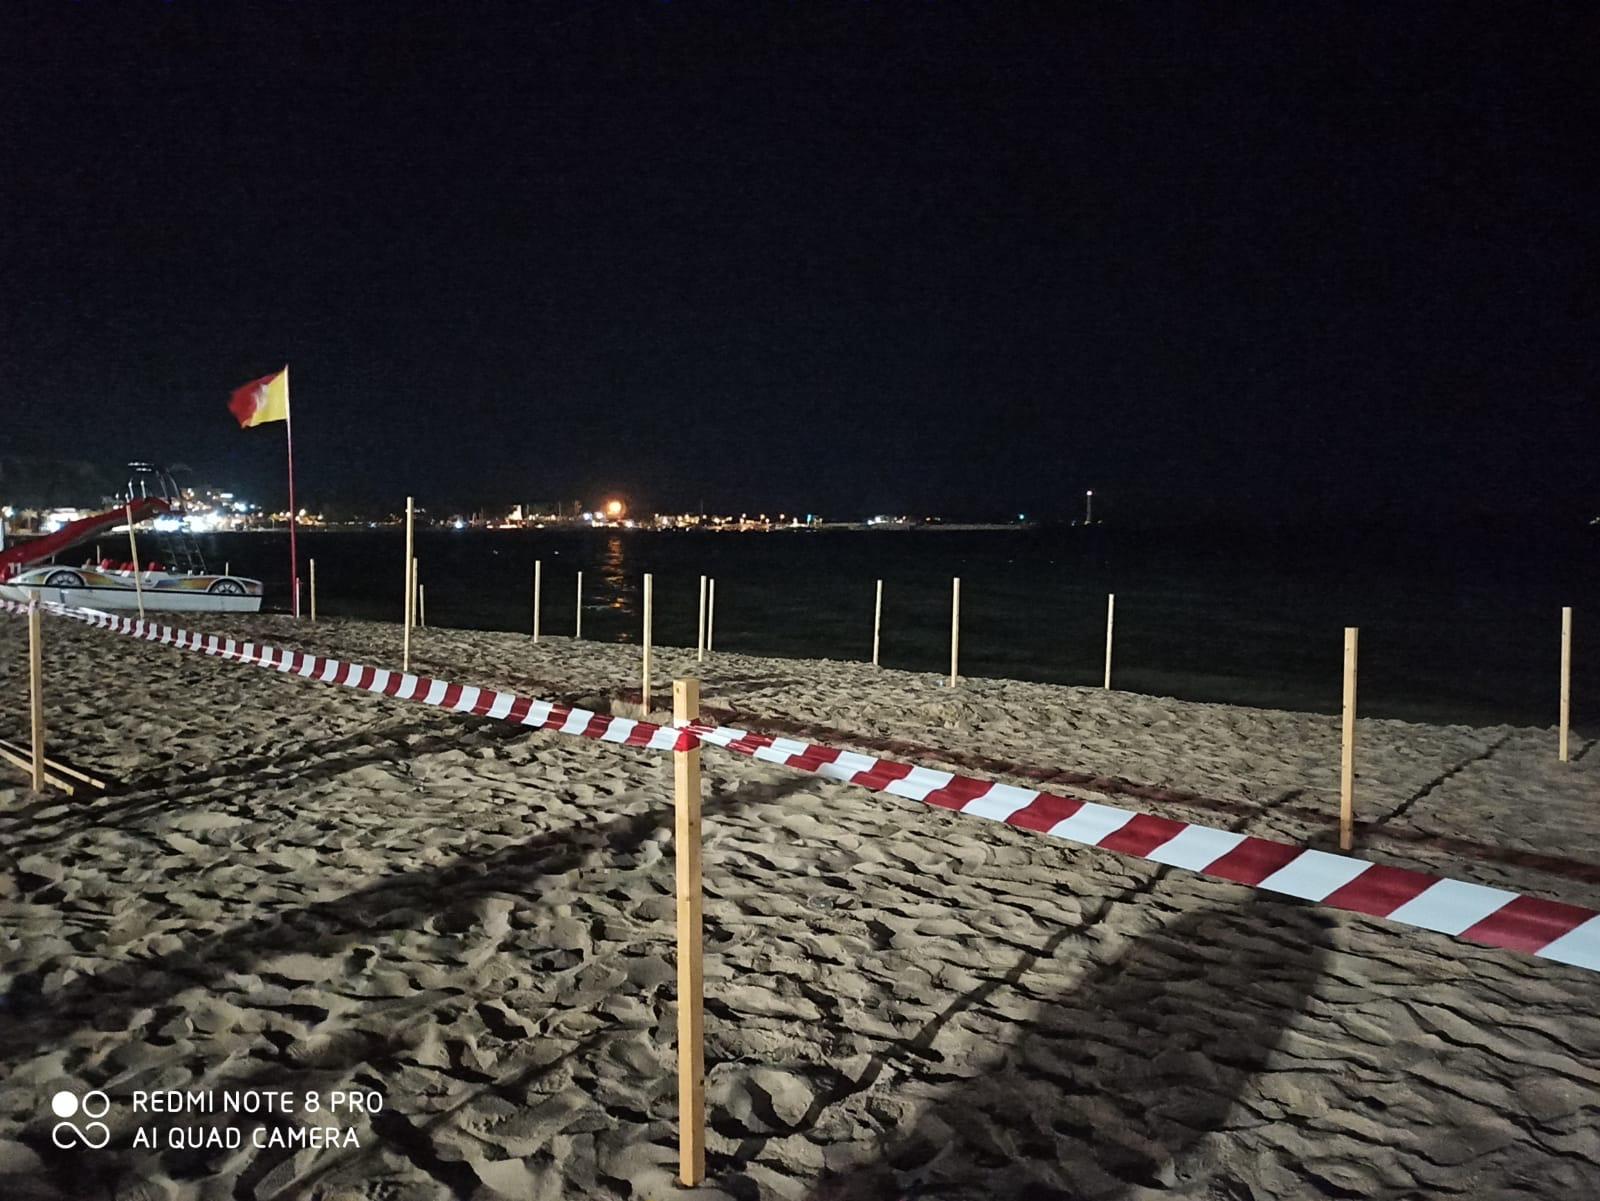 Ferragosto a Ragusa, spiagge aperte ma con restrizioni e controlli – DETTAGLI